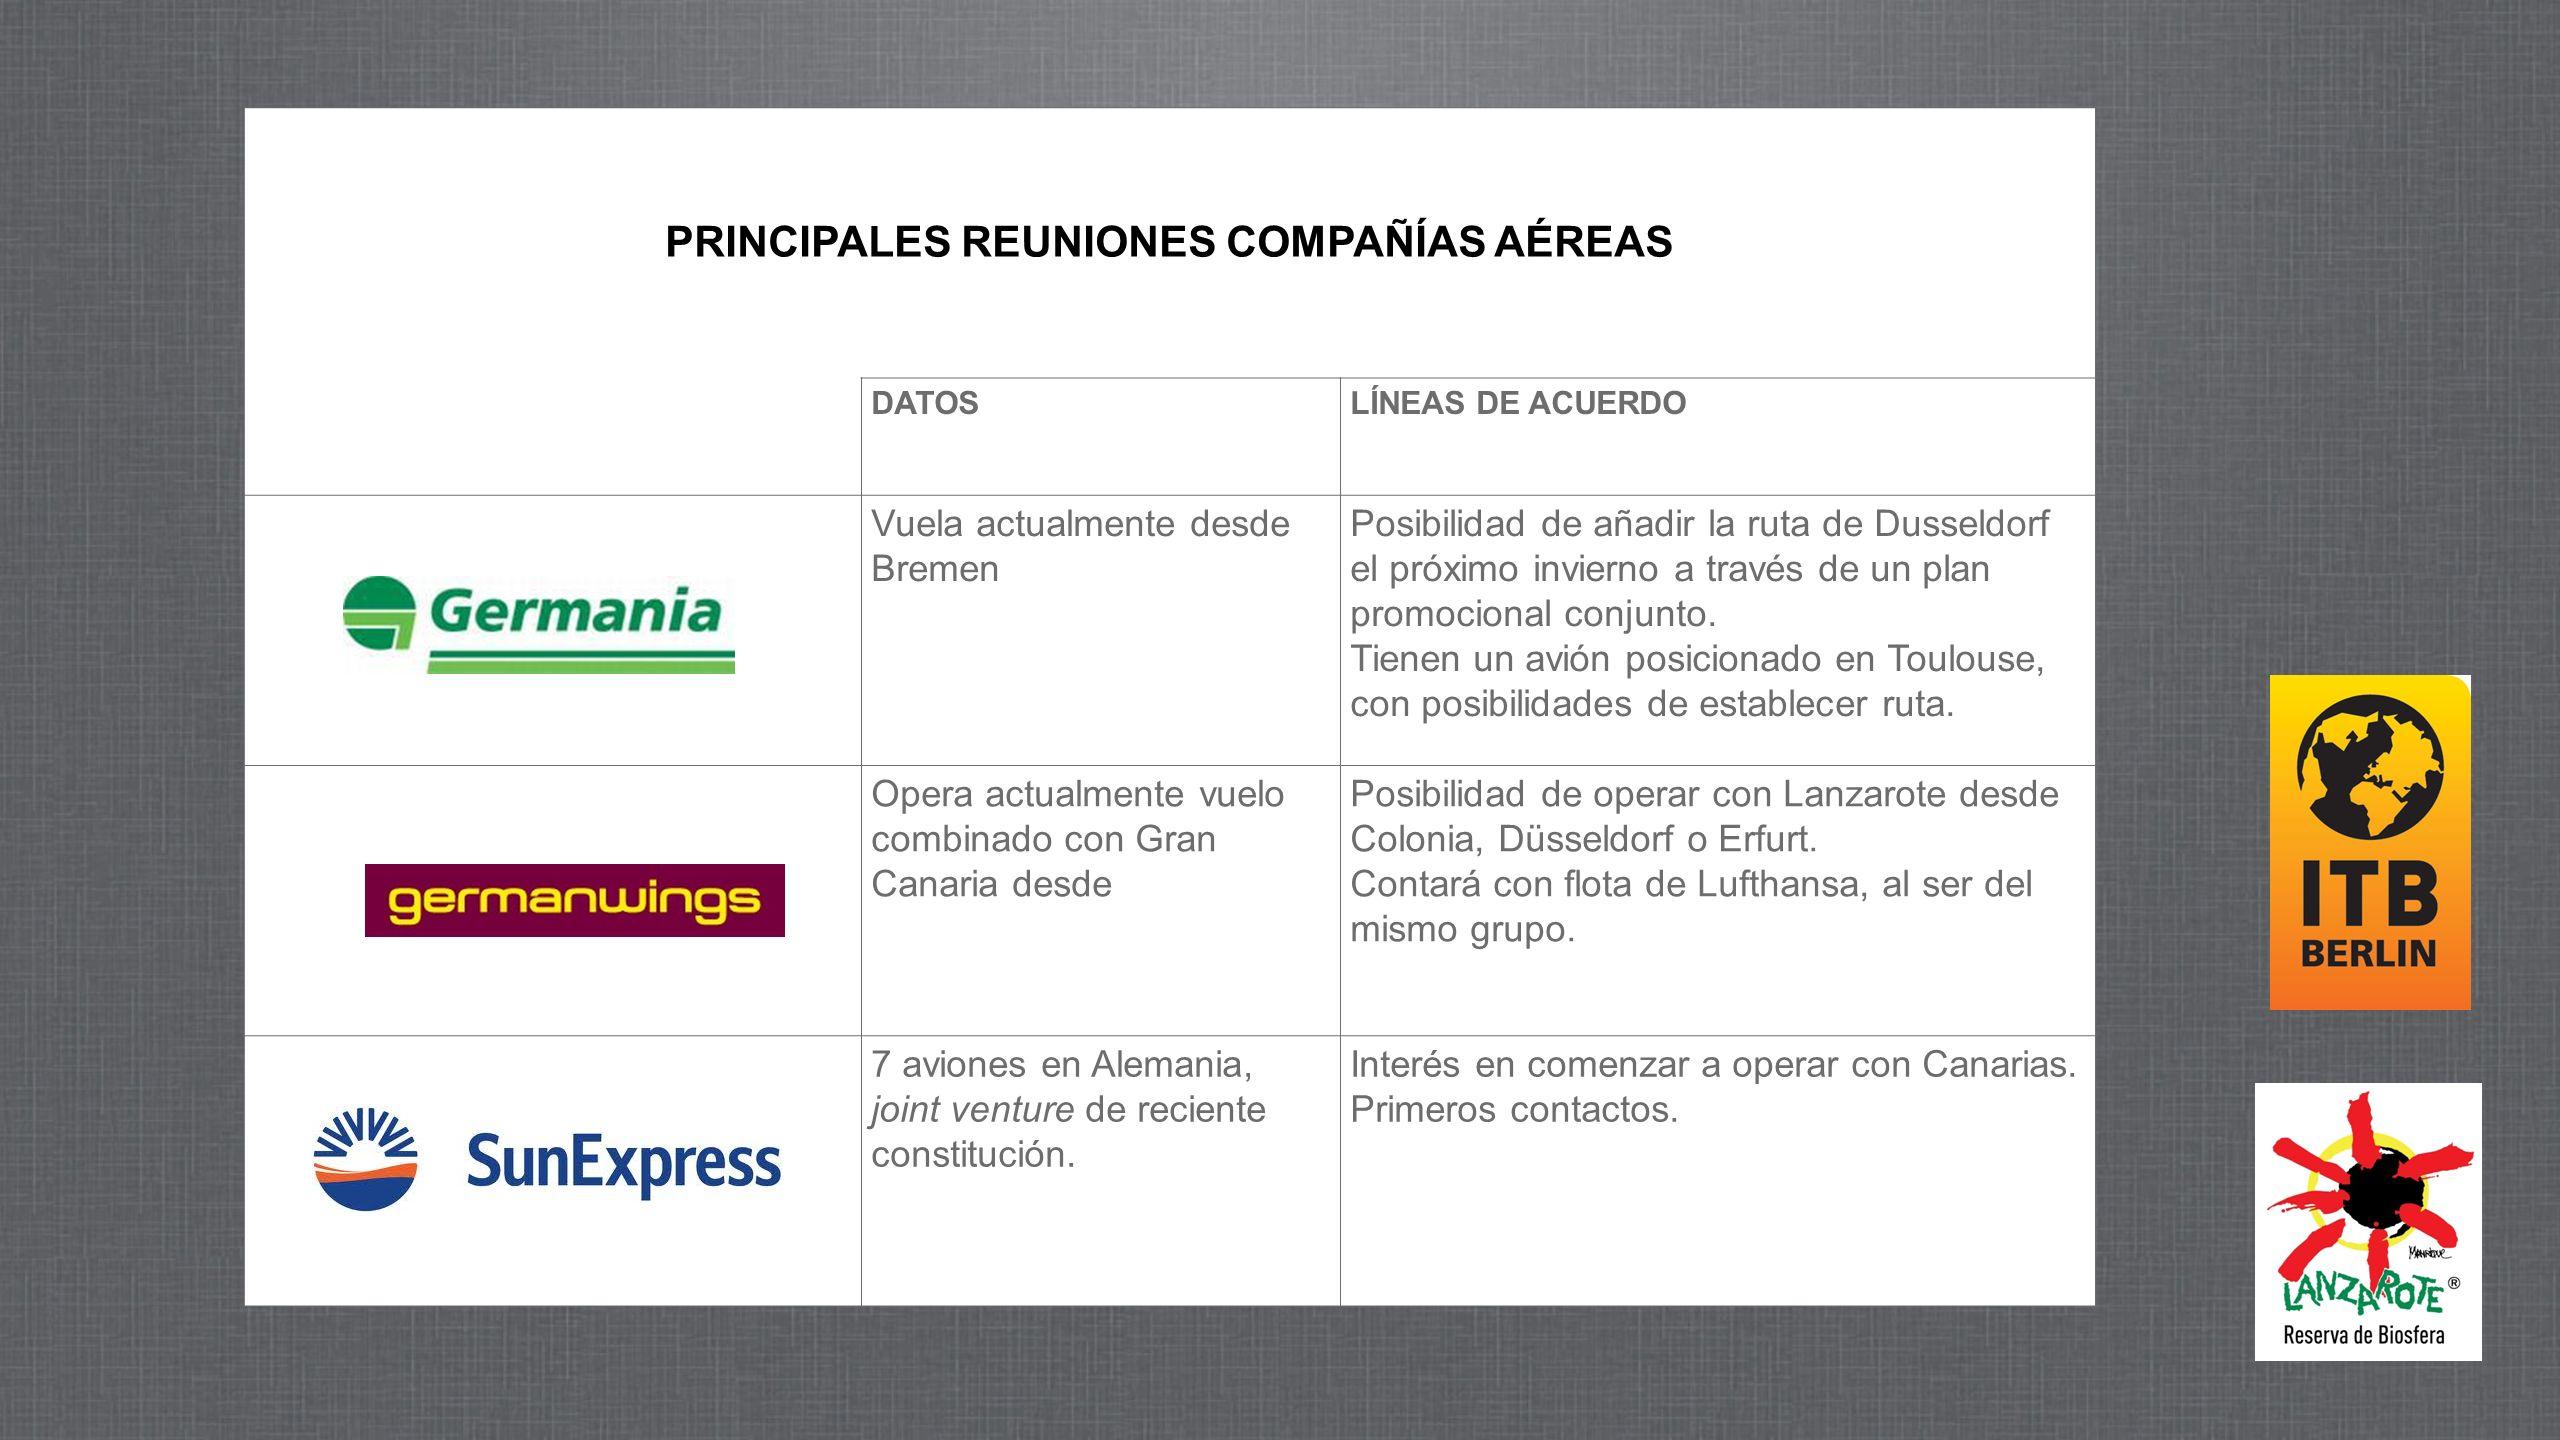 PRINCIPALES REUNIONES COMPAÑÍAS AÉREAS